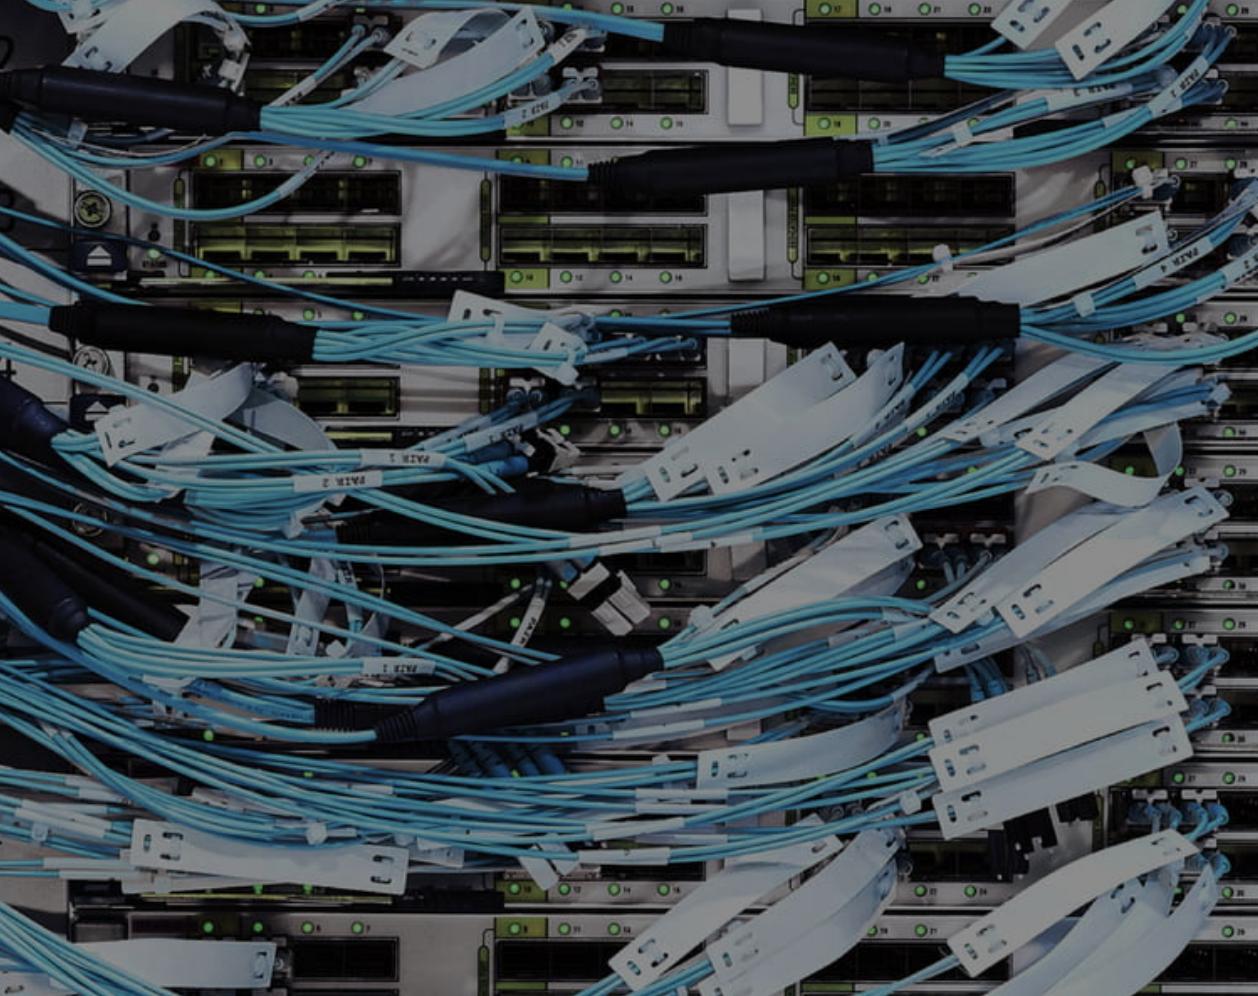 Cisco Nexus switching